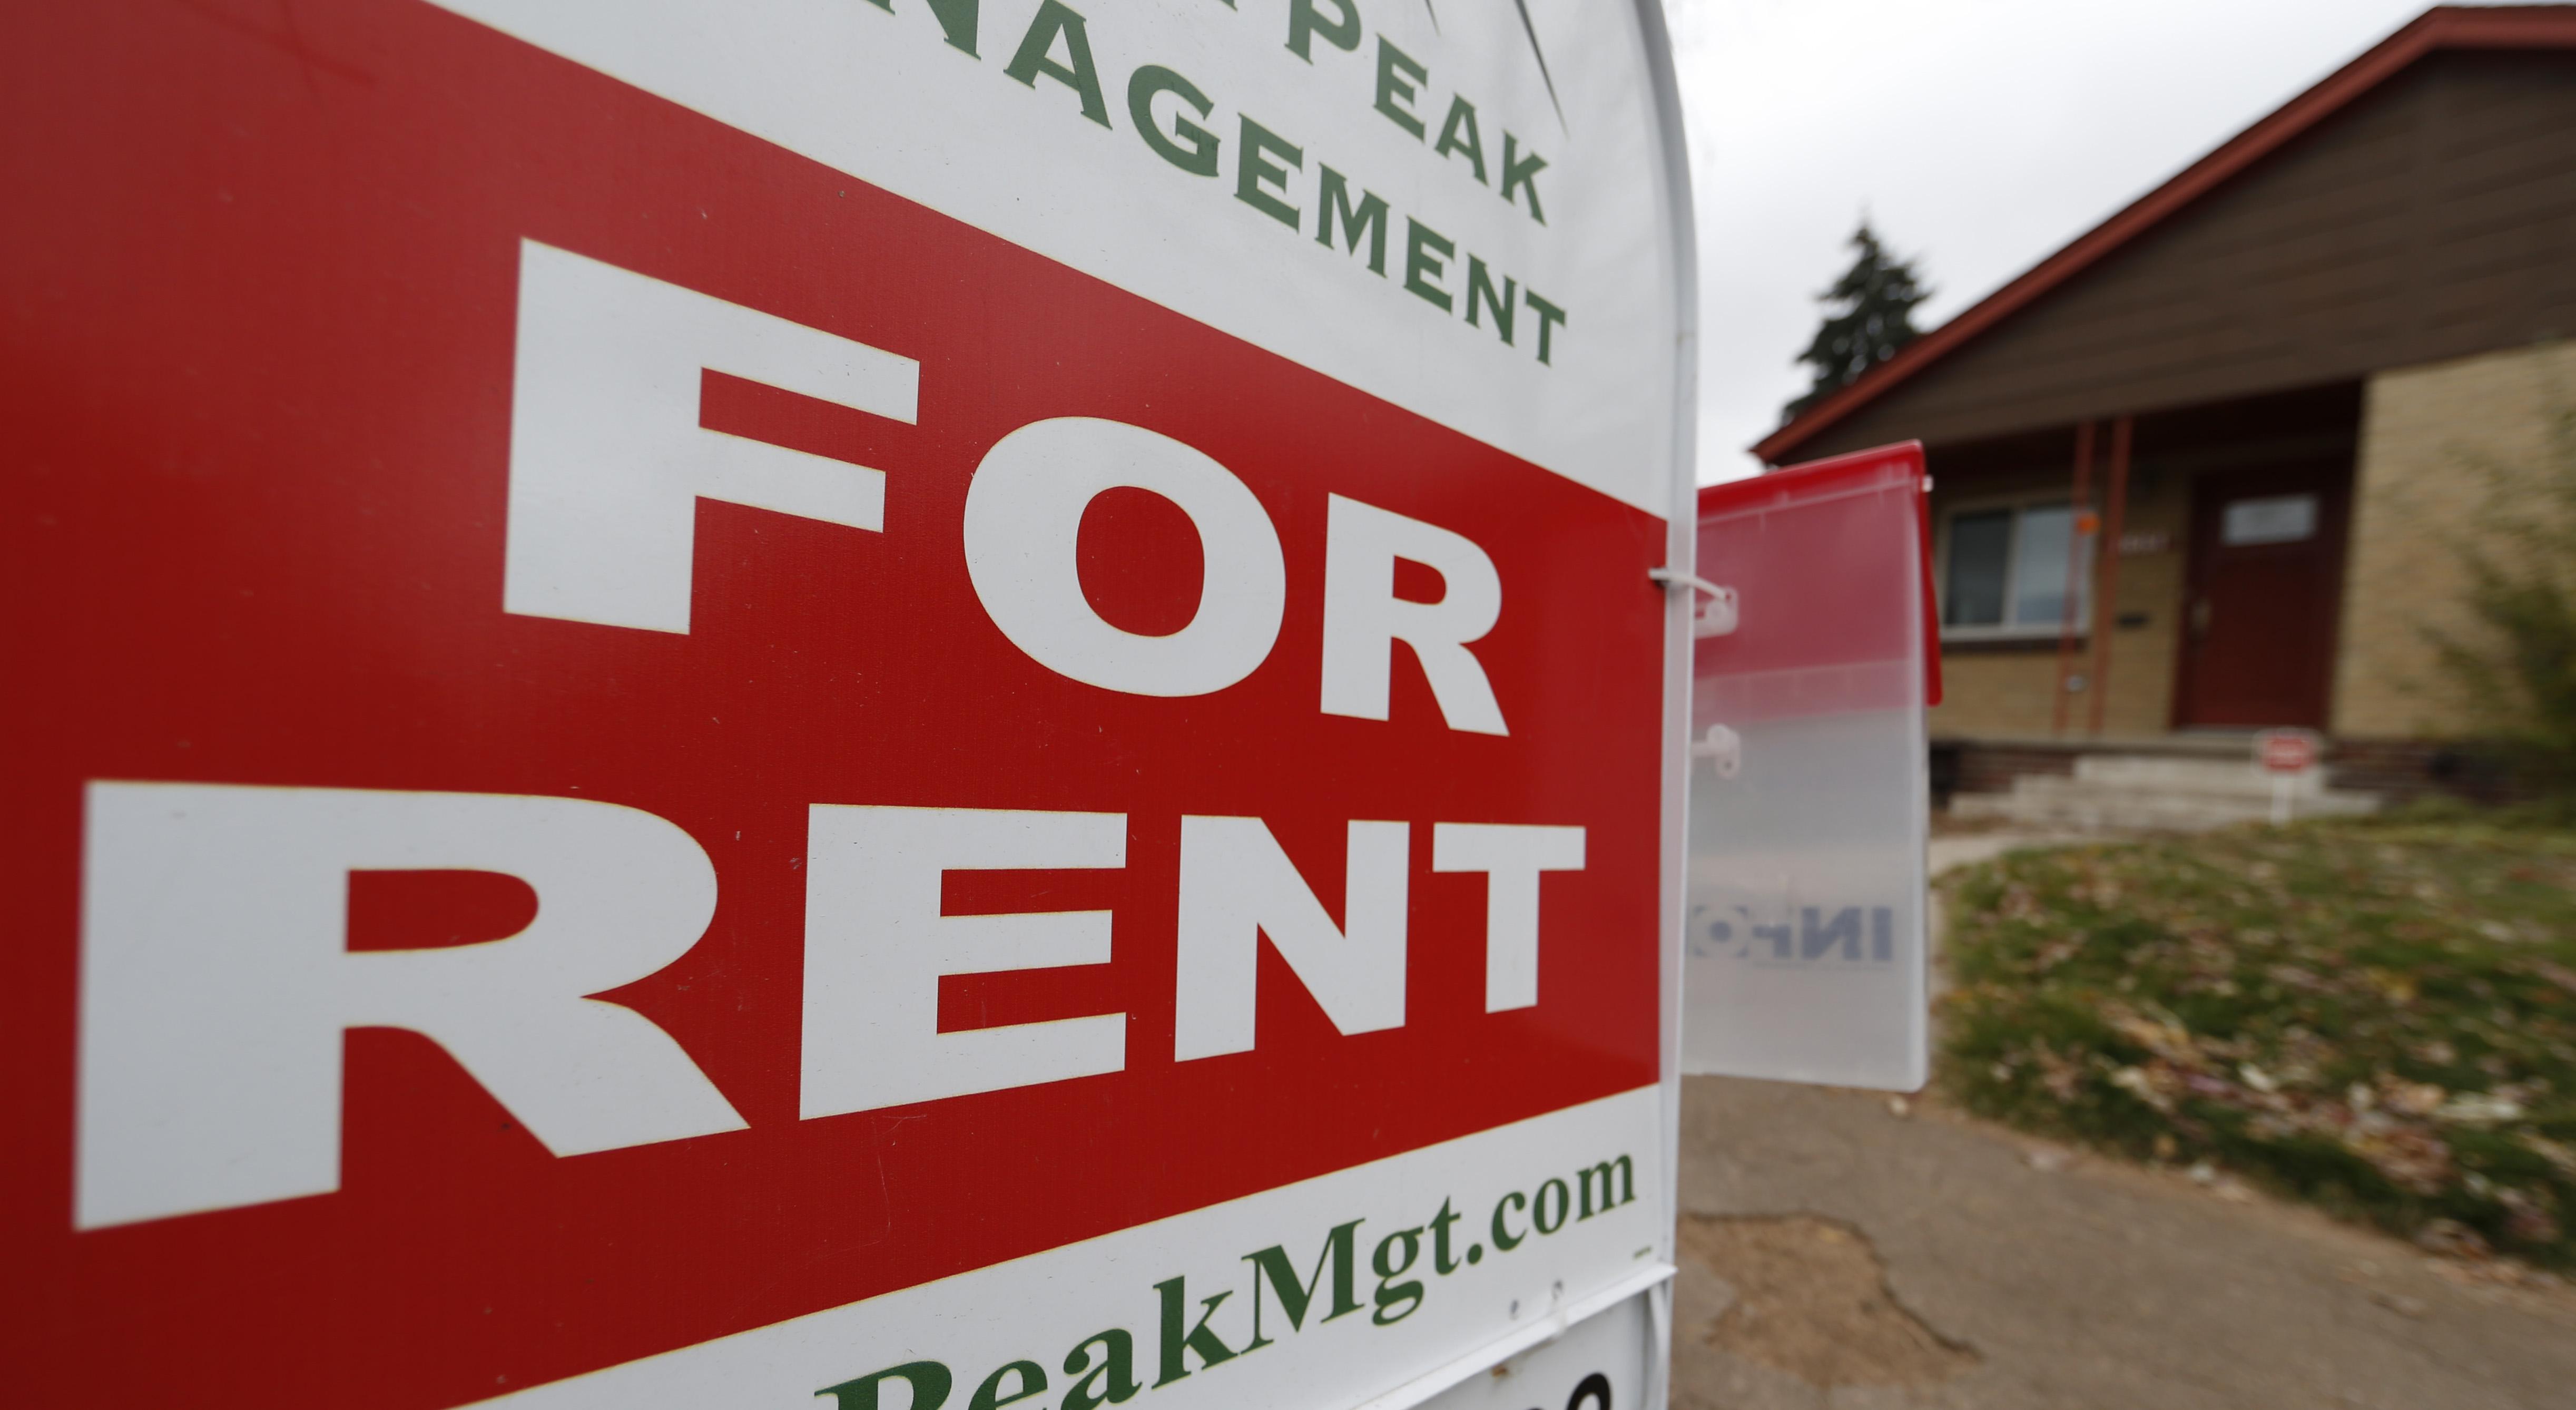 For Rent in Denver